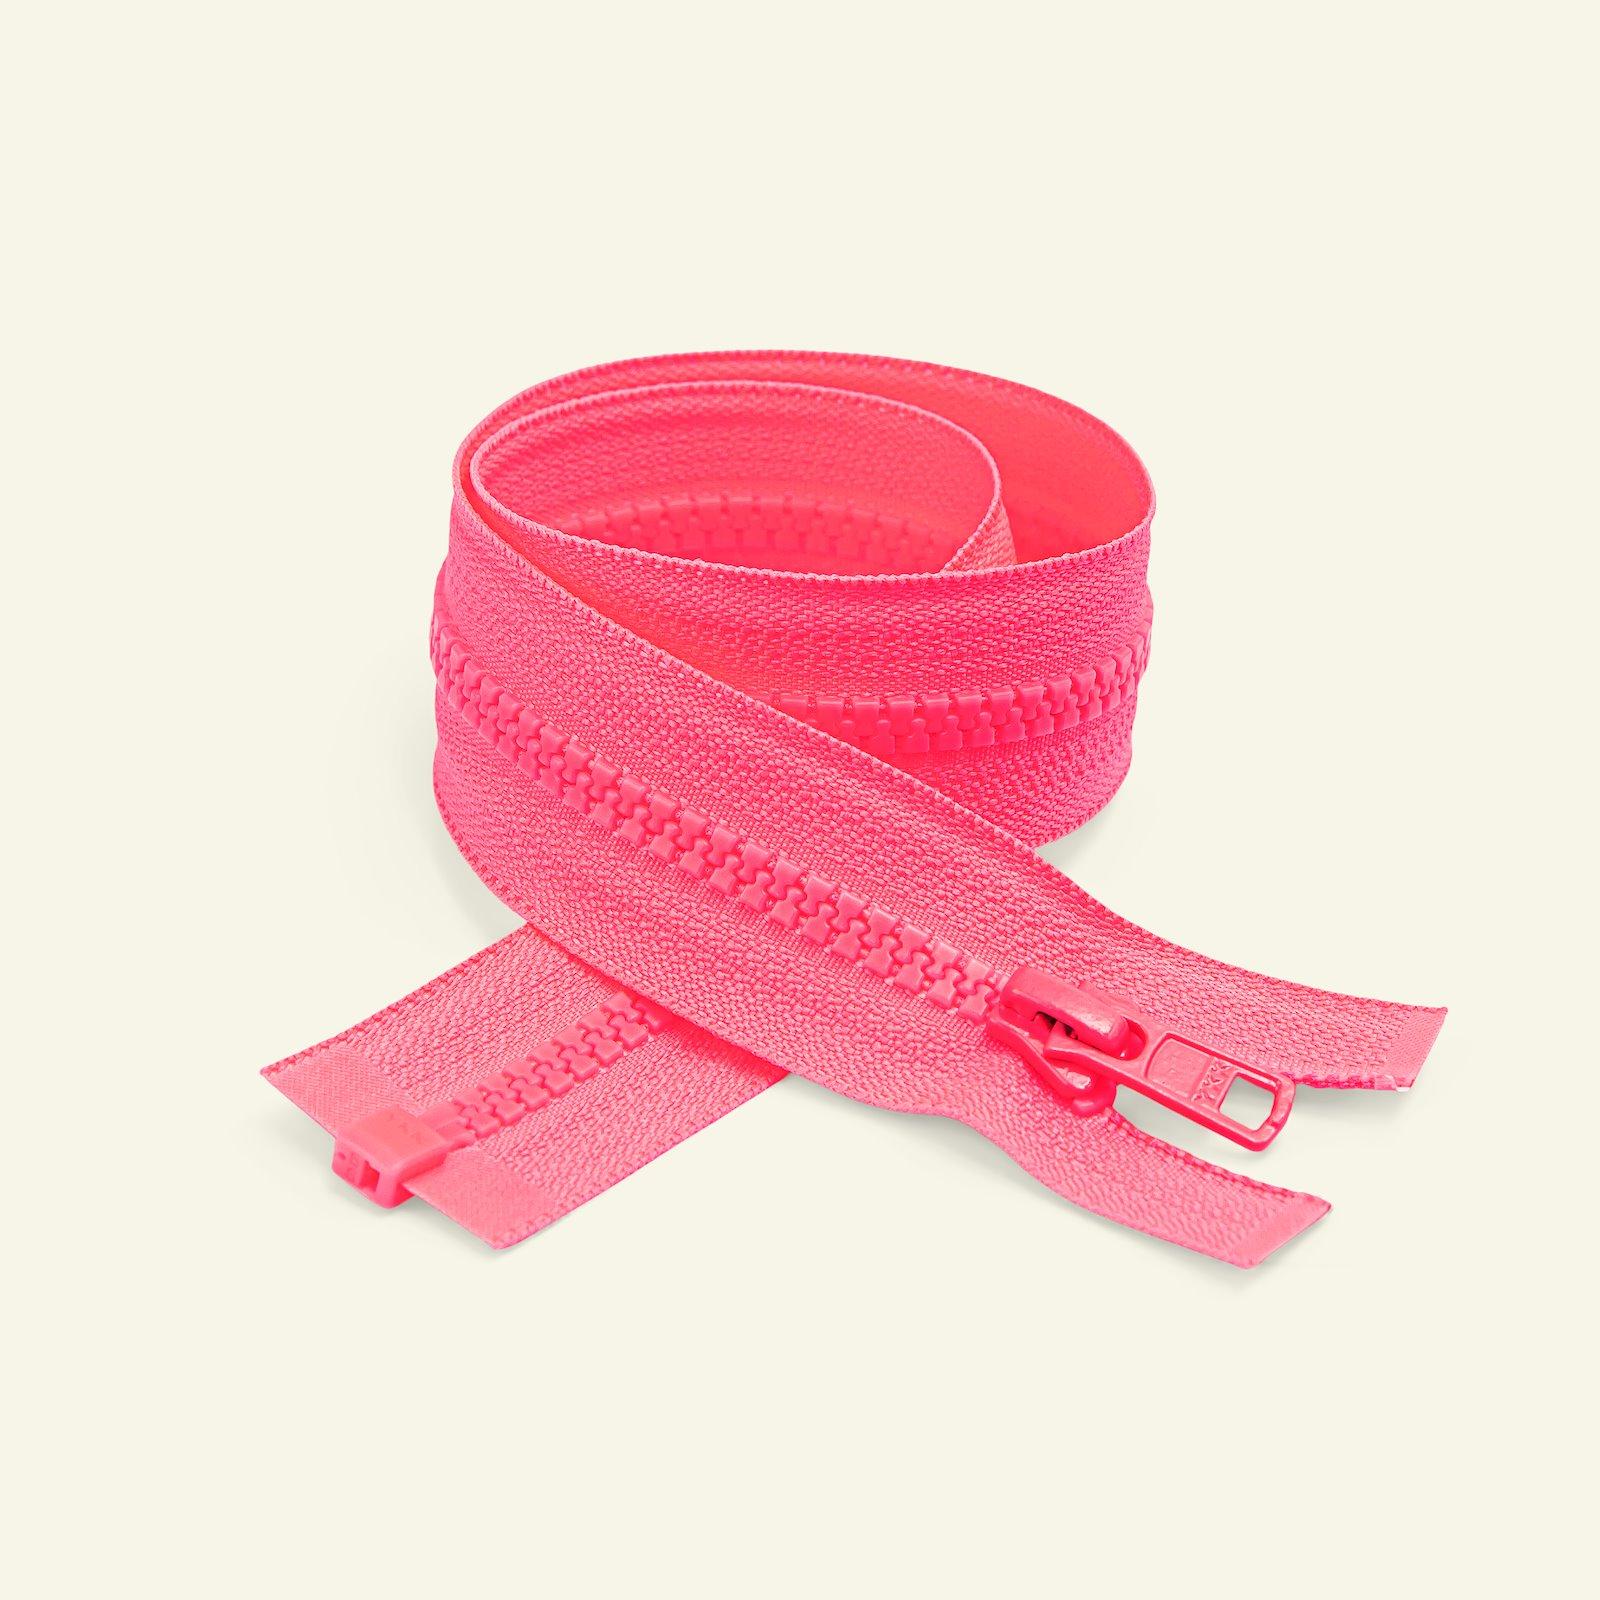 YKK zip 6mm open end 45cm neon pink x50084_pack